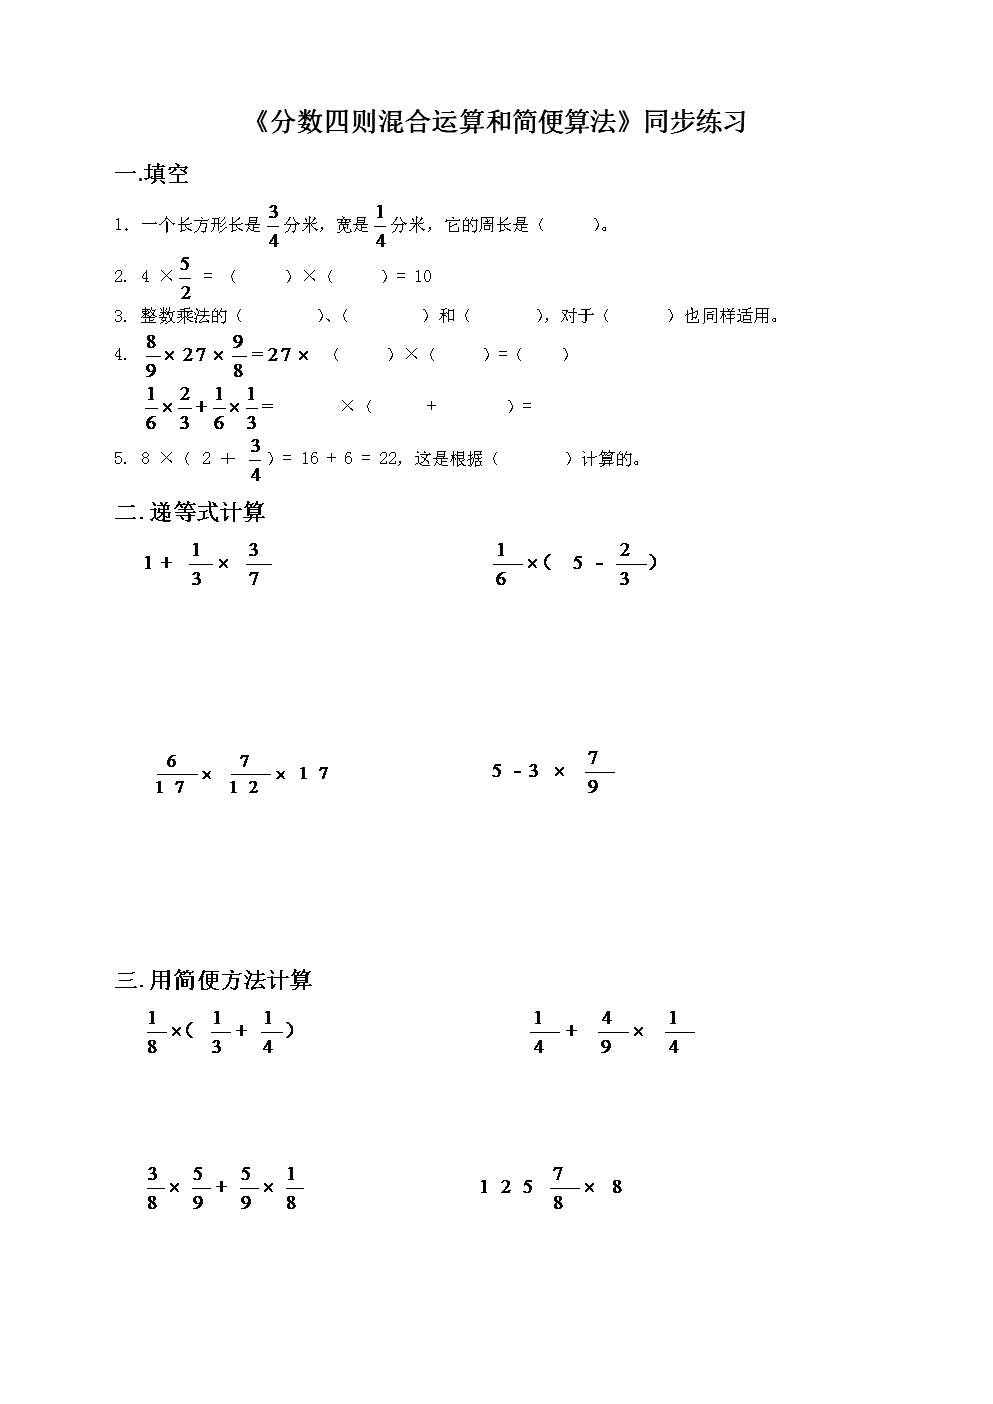 分数四则混合运算和简便算法同步练习.doc